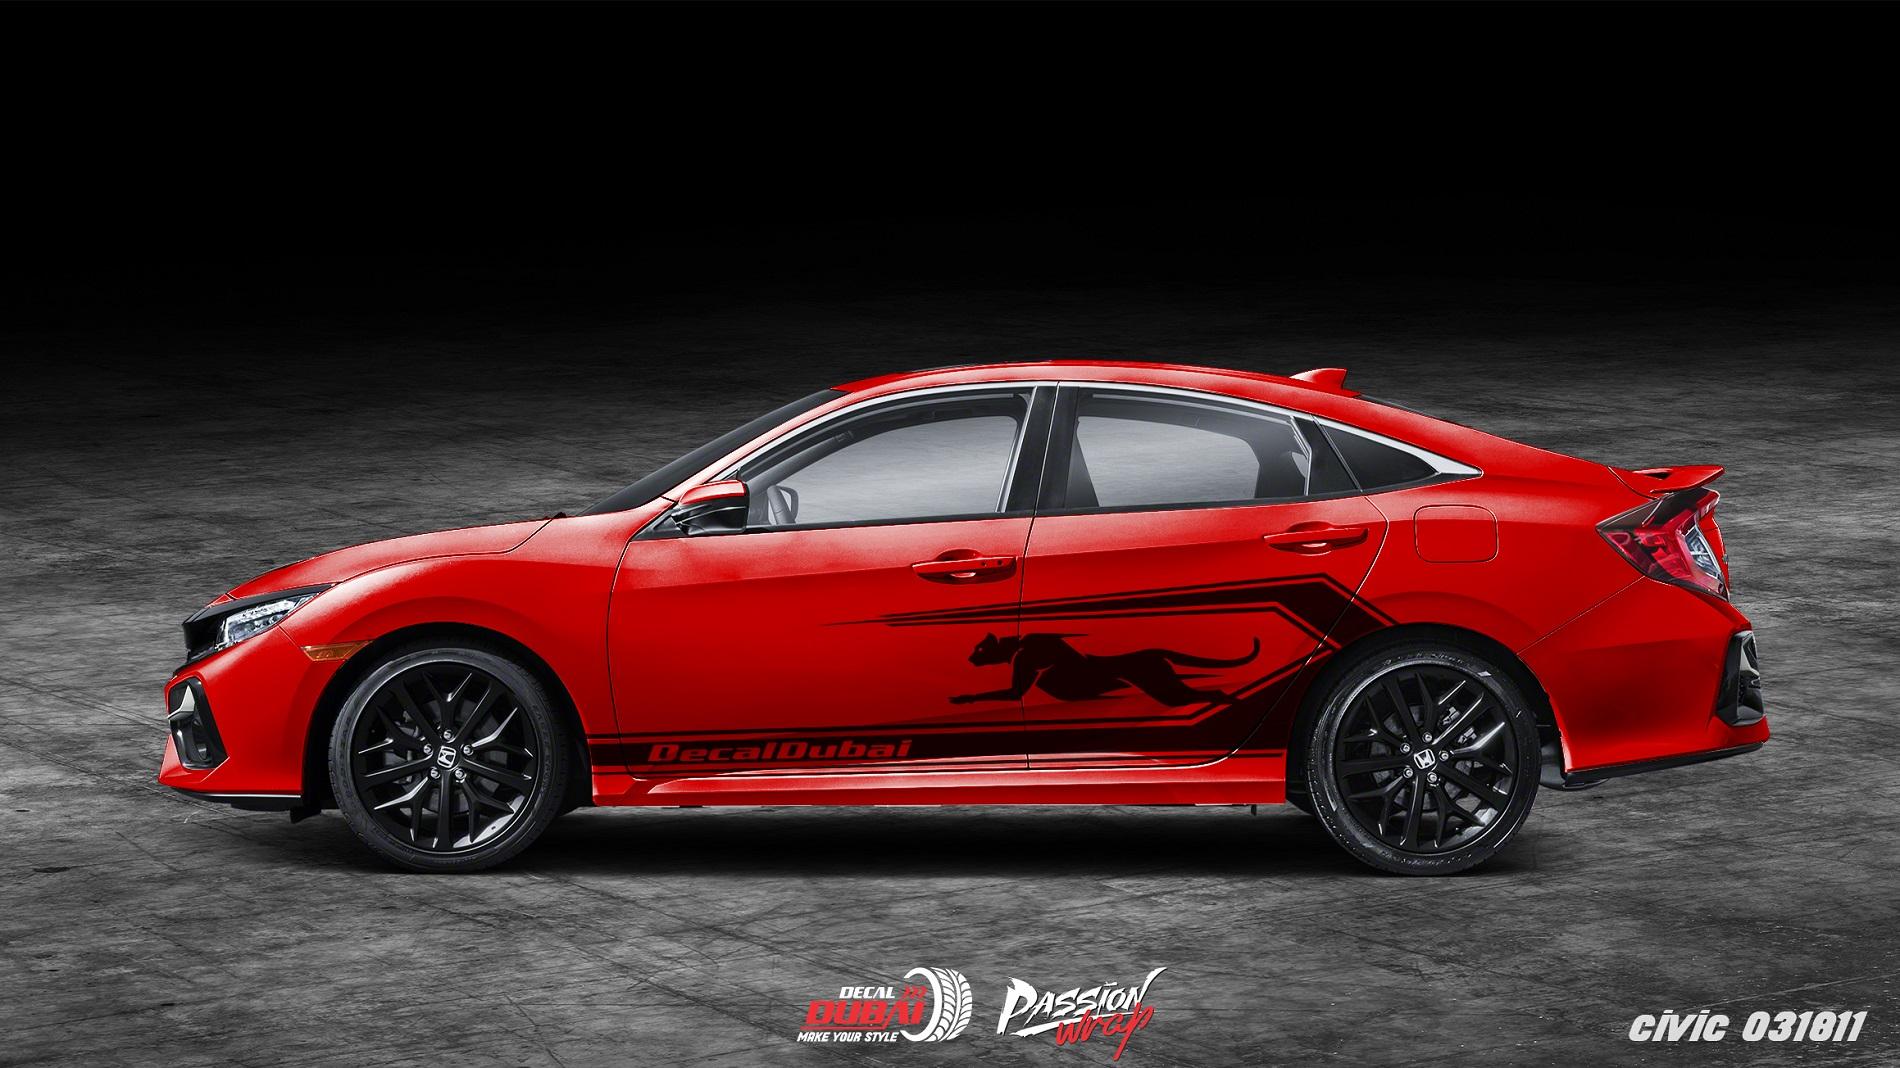 Tem Xe Honda Civic 031811 750k